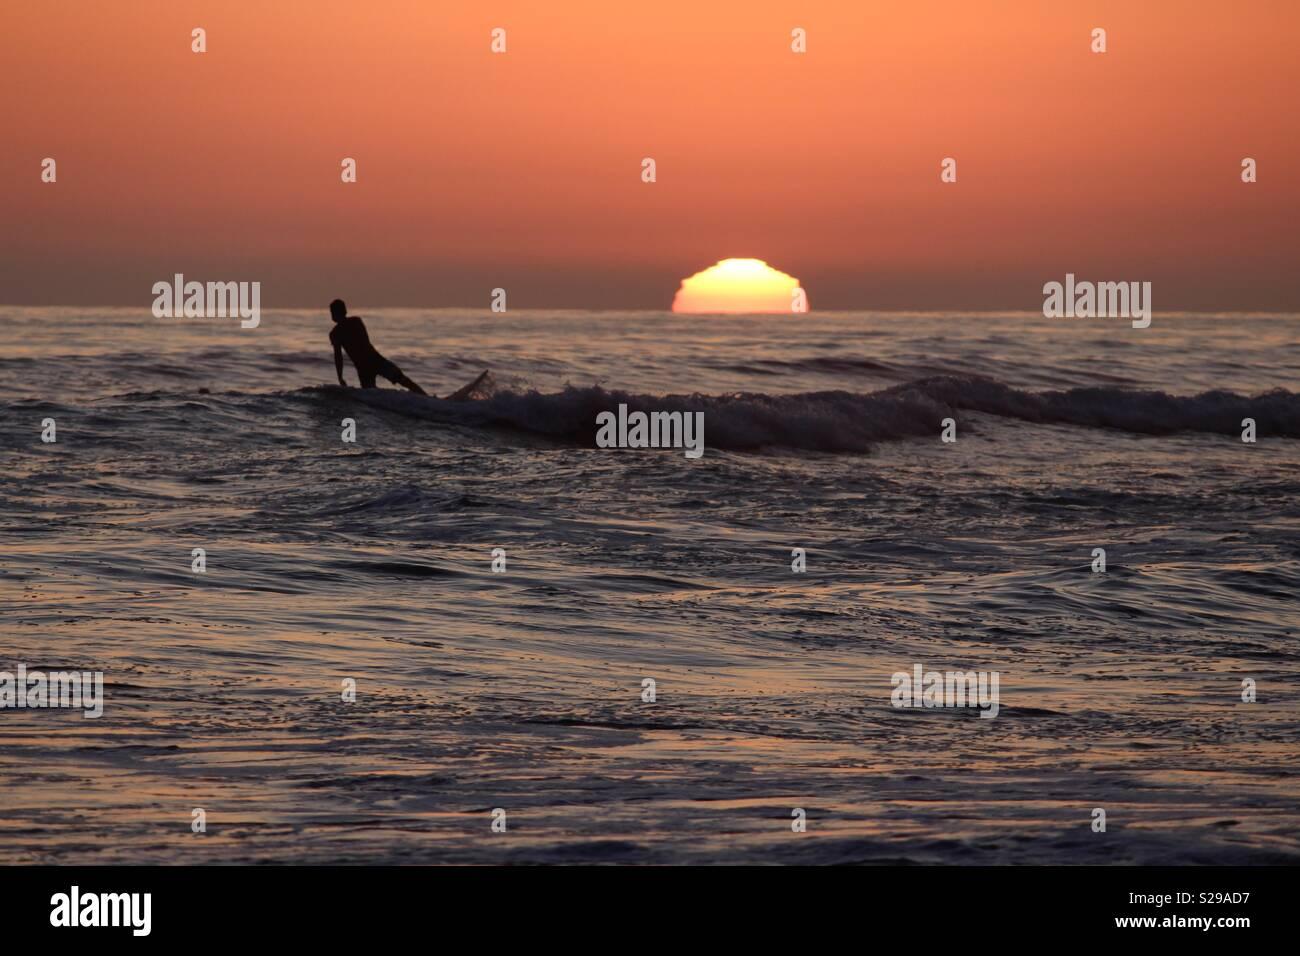 Surfer nimmt eine letzte Welle des Tages Stockfoto